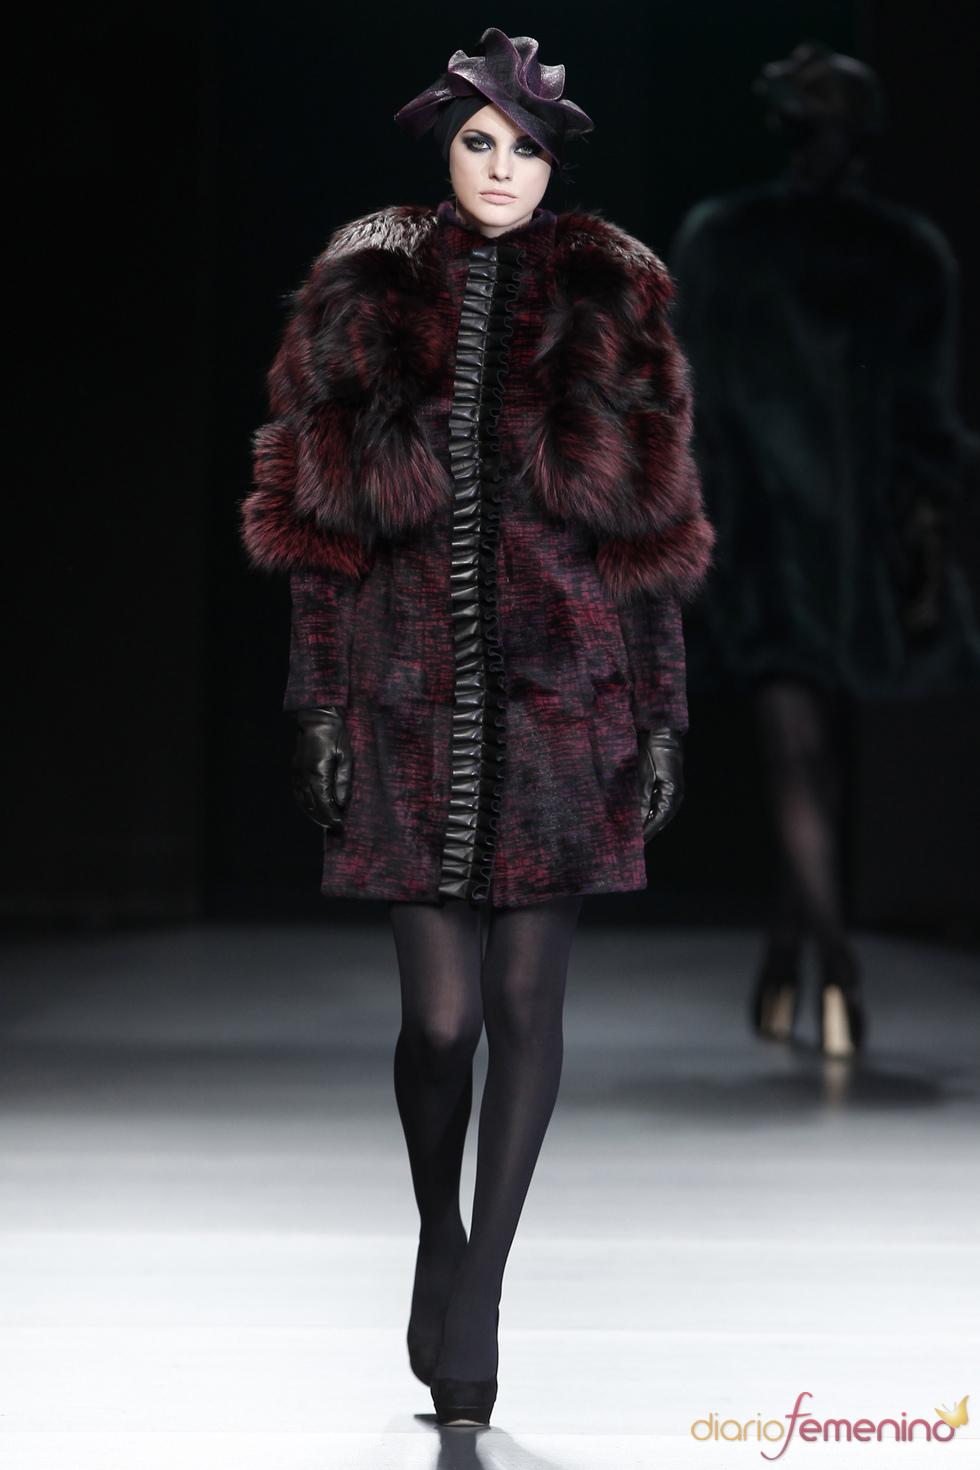 Abrigo granate con tocado. Miguel Marinero. Cibeles Madrid Fashion Week 2011